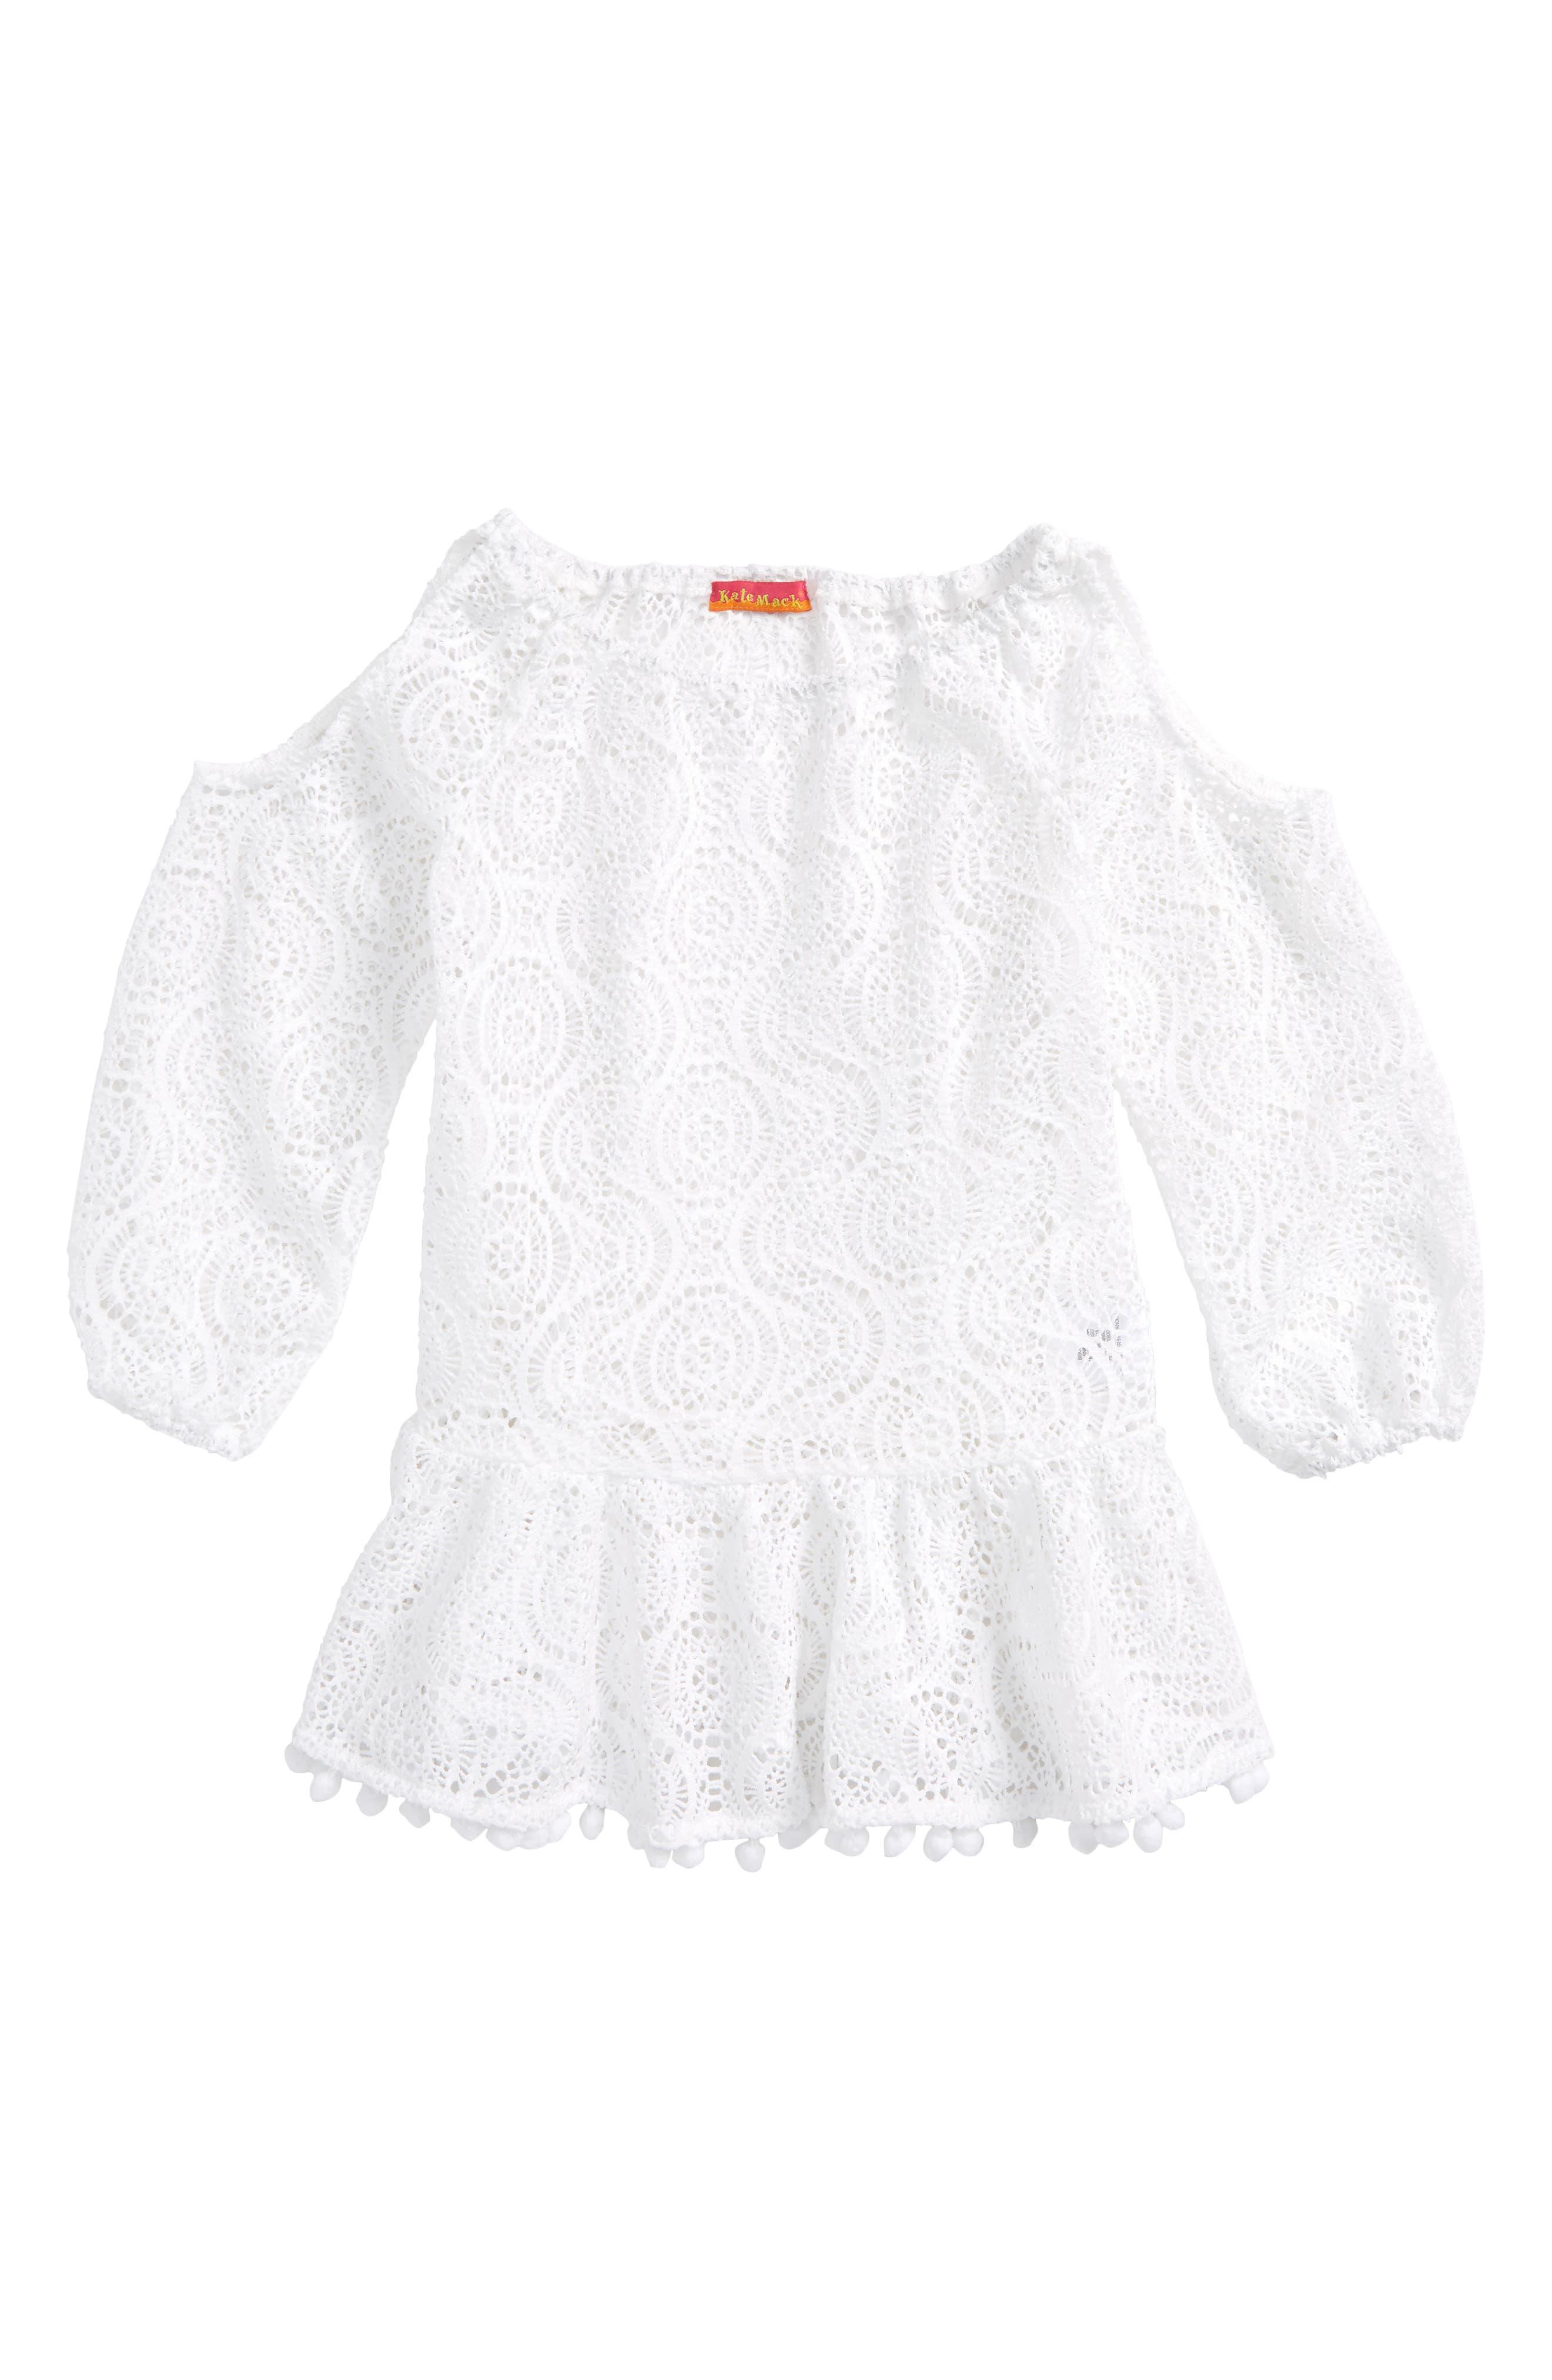 Alternate Image 1 Selected - Kate Mack Crochet Cover-Up Tunic (Little Girls)